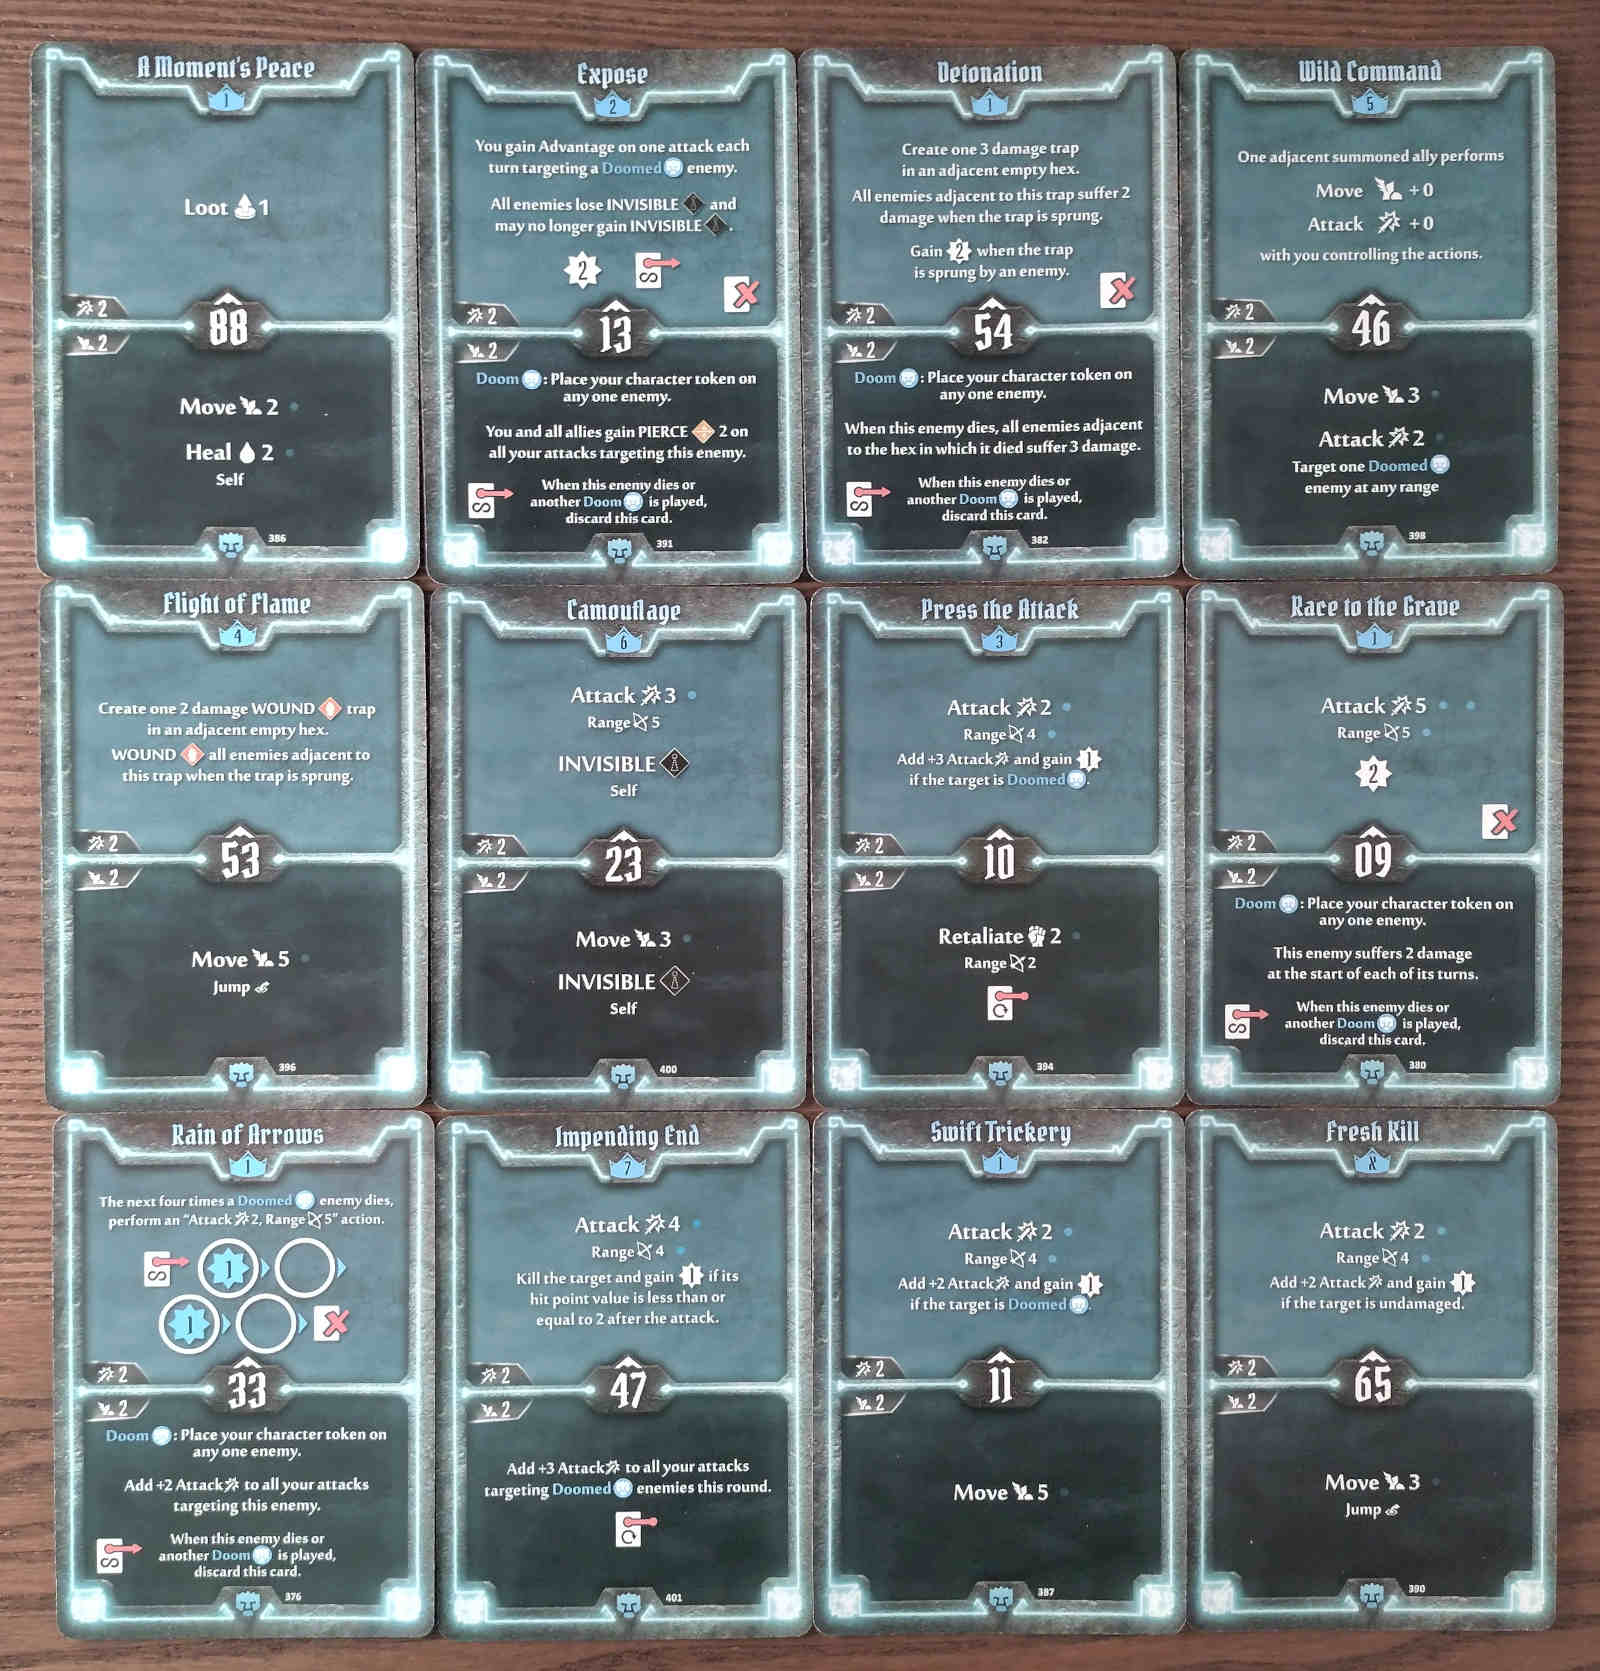 Doomstalker Expose Build level 7 deck cards